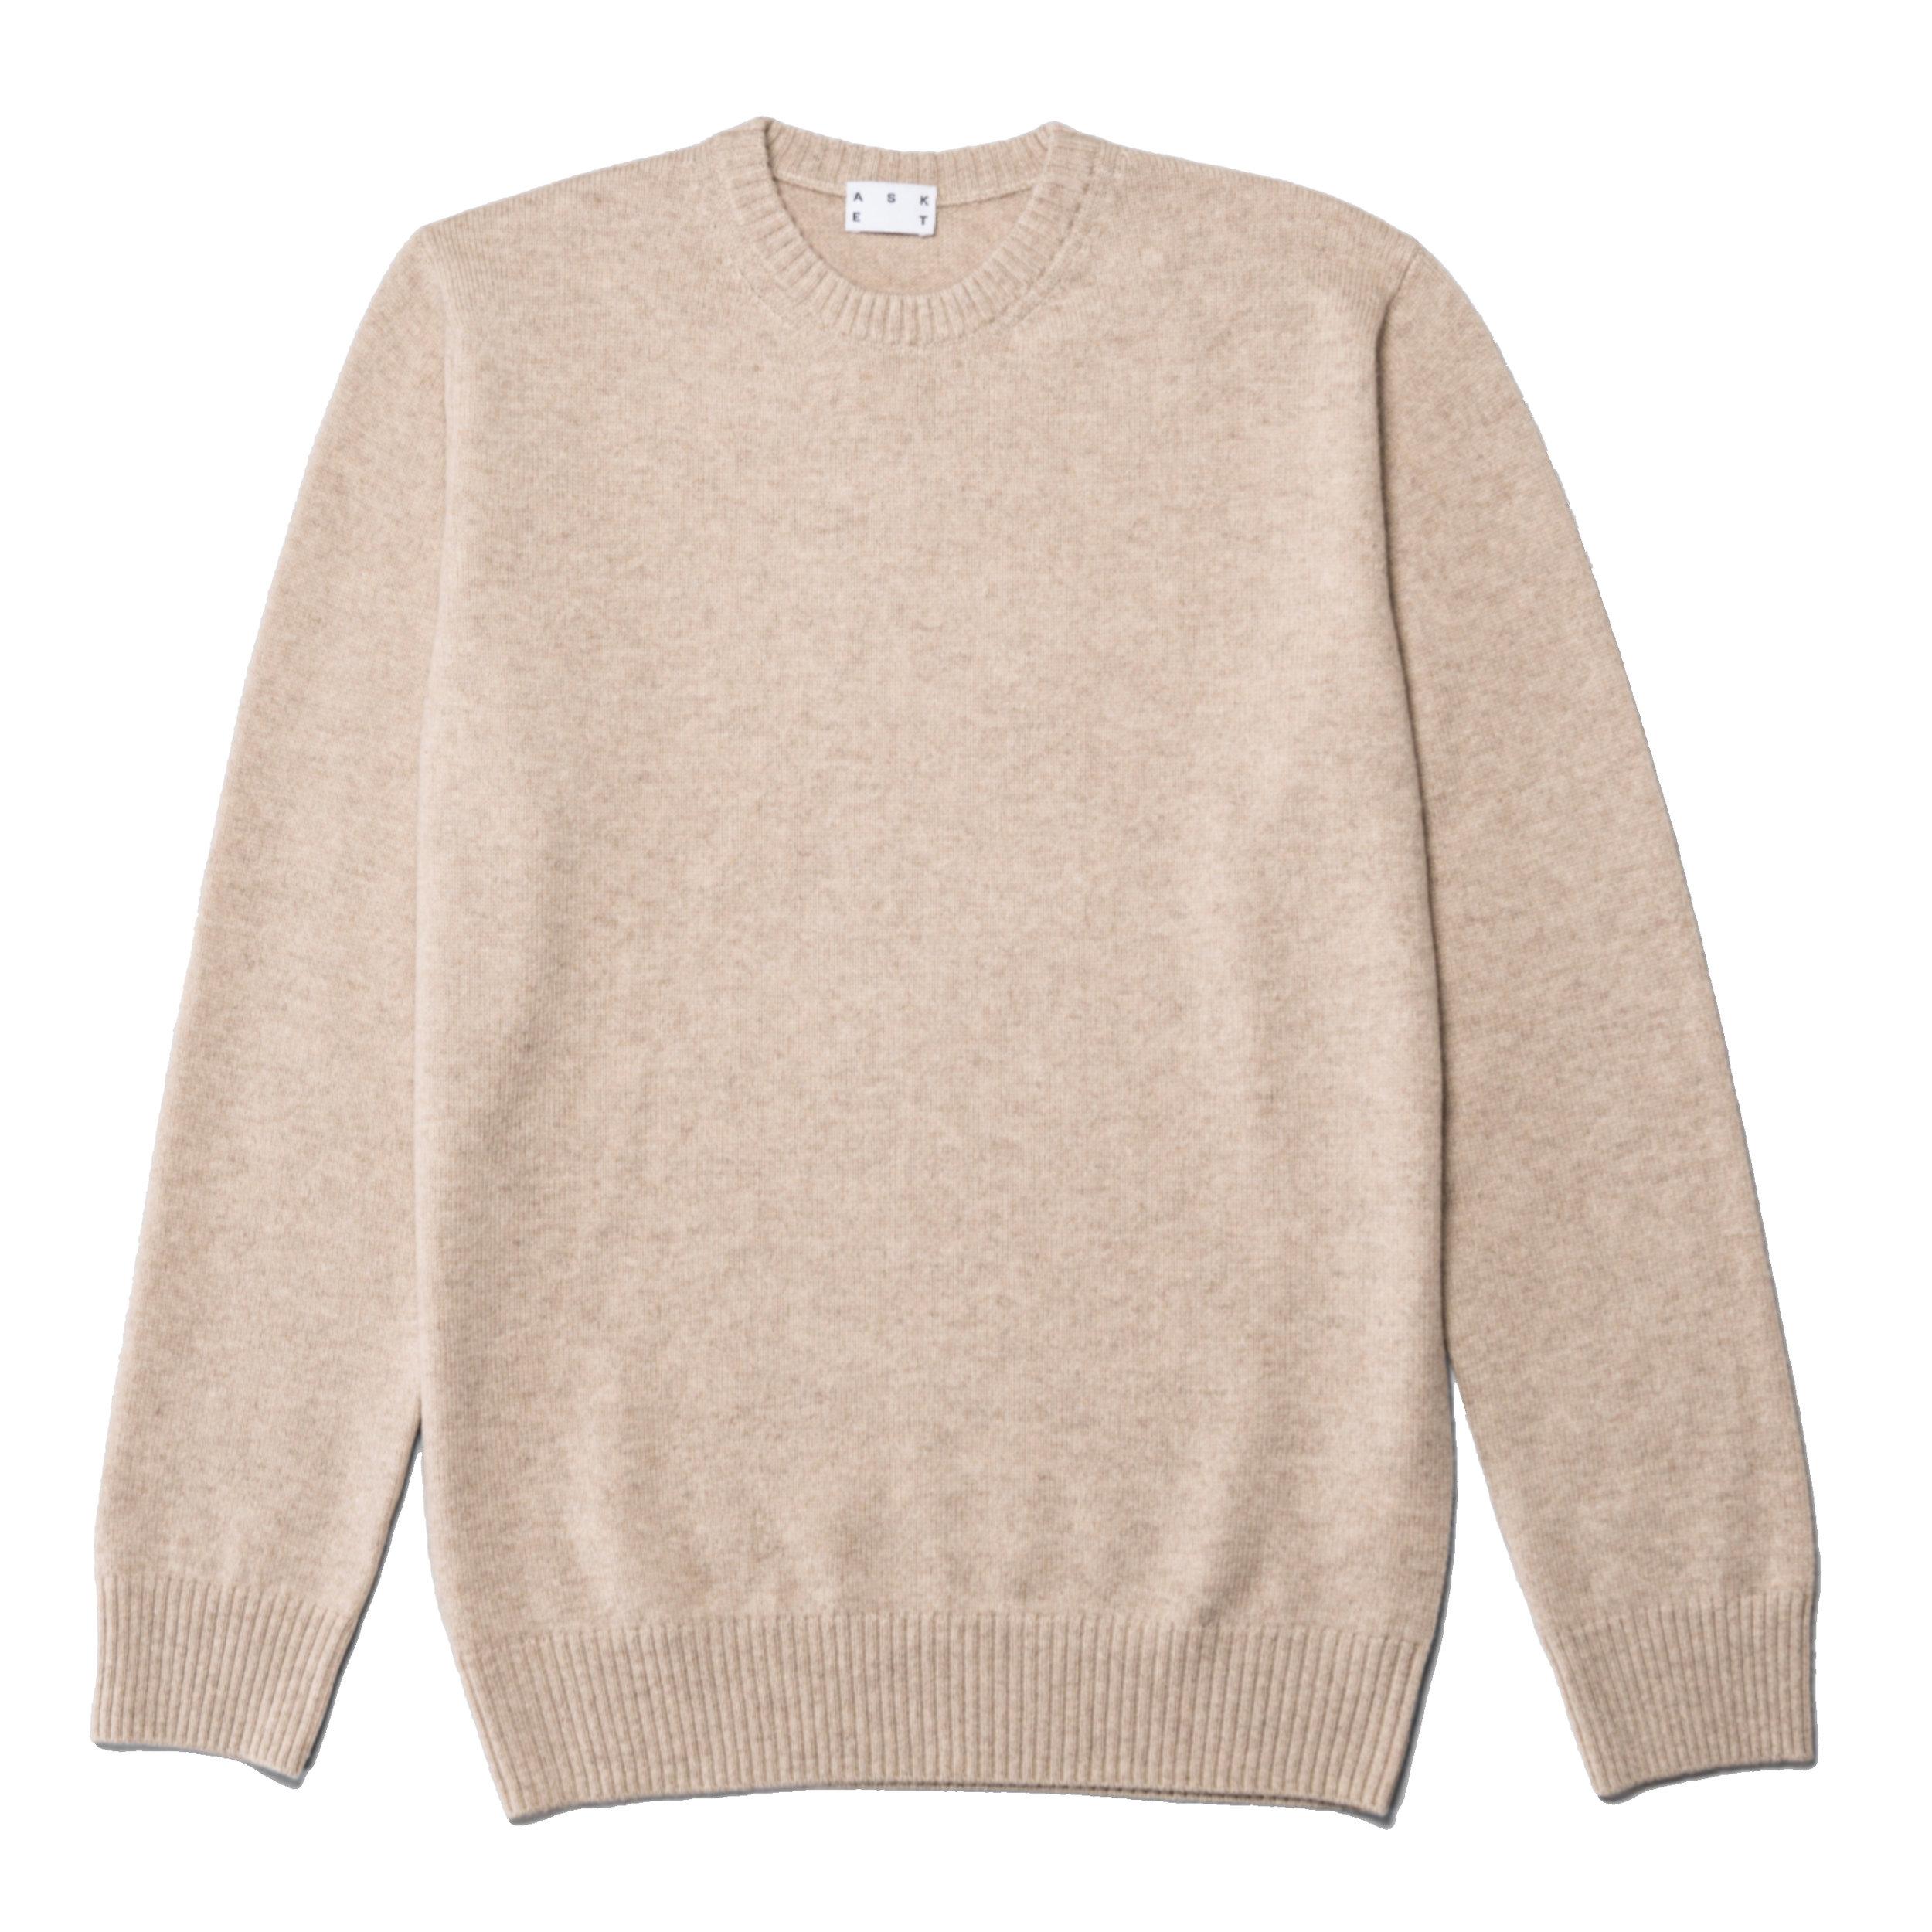 ASKET - Beige Cashmere Sweater.jpg